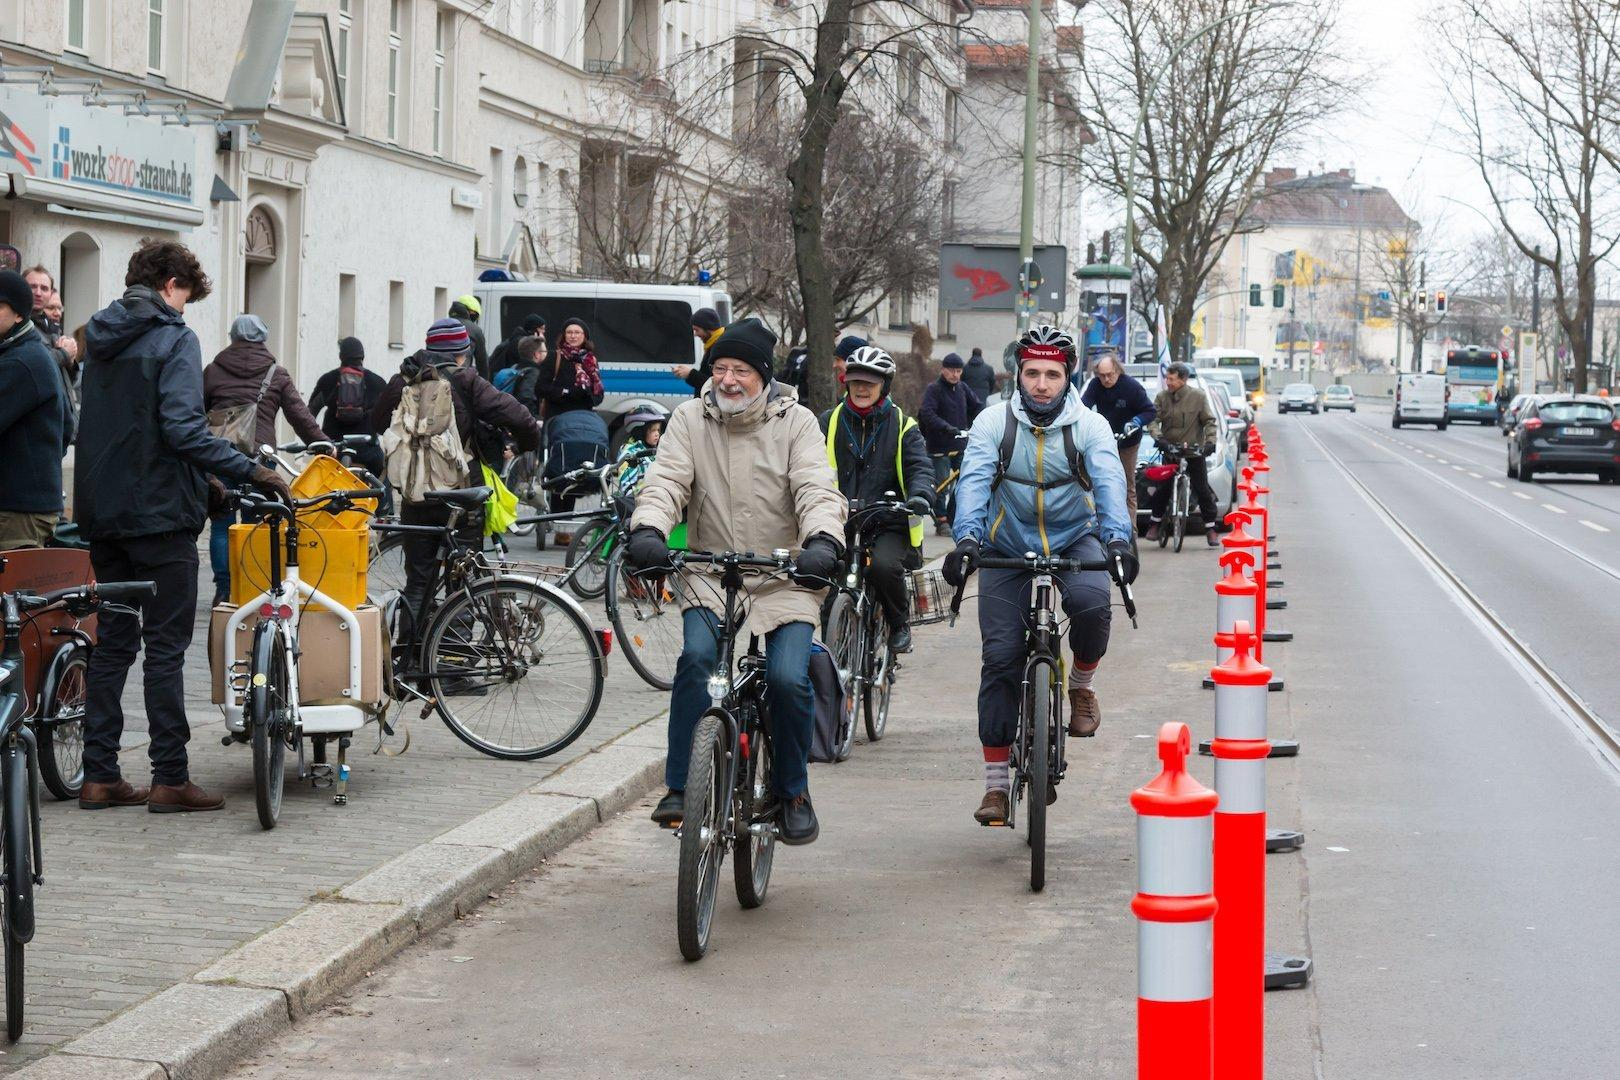 Mehrere Radfahrer fahren in Richtung Kamera auf einer gesicherten Spur. Auf dem Bürgersteig stehen weitere Menschen mit ihren Fahrrädern.